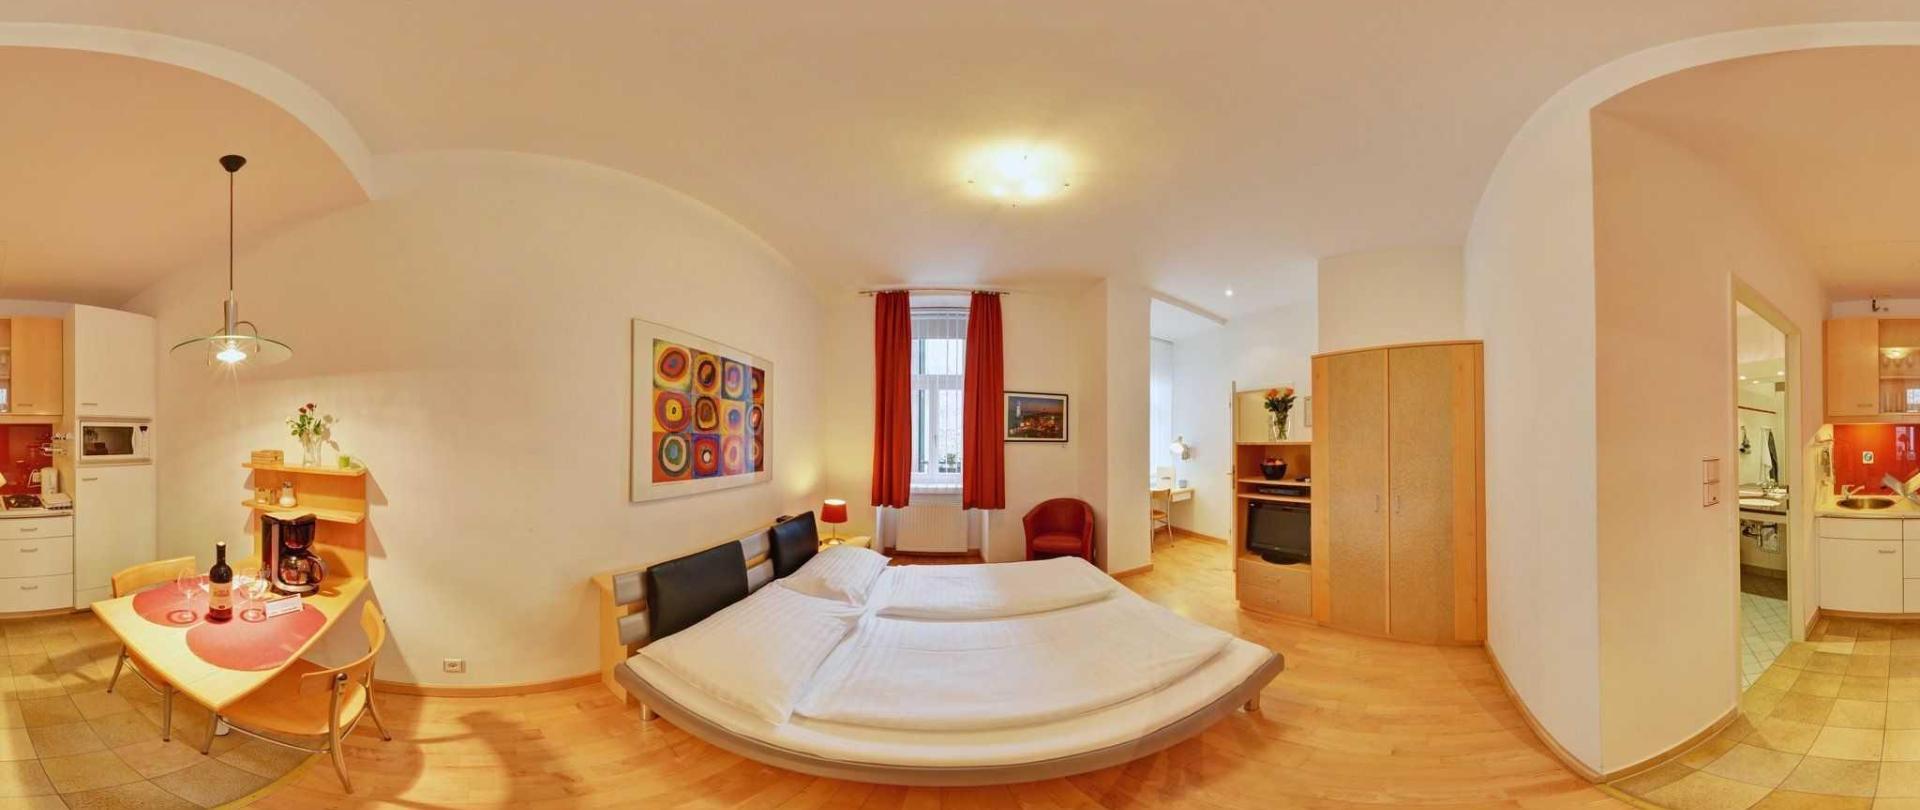 gal_apartments_vienna_zimmer_214.jpg